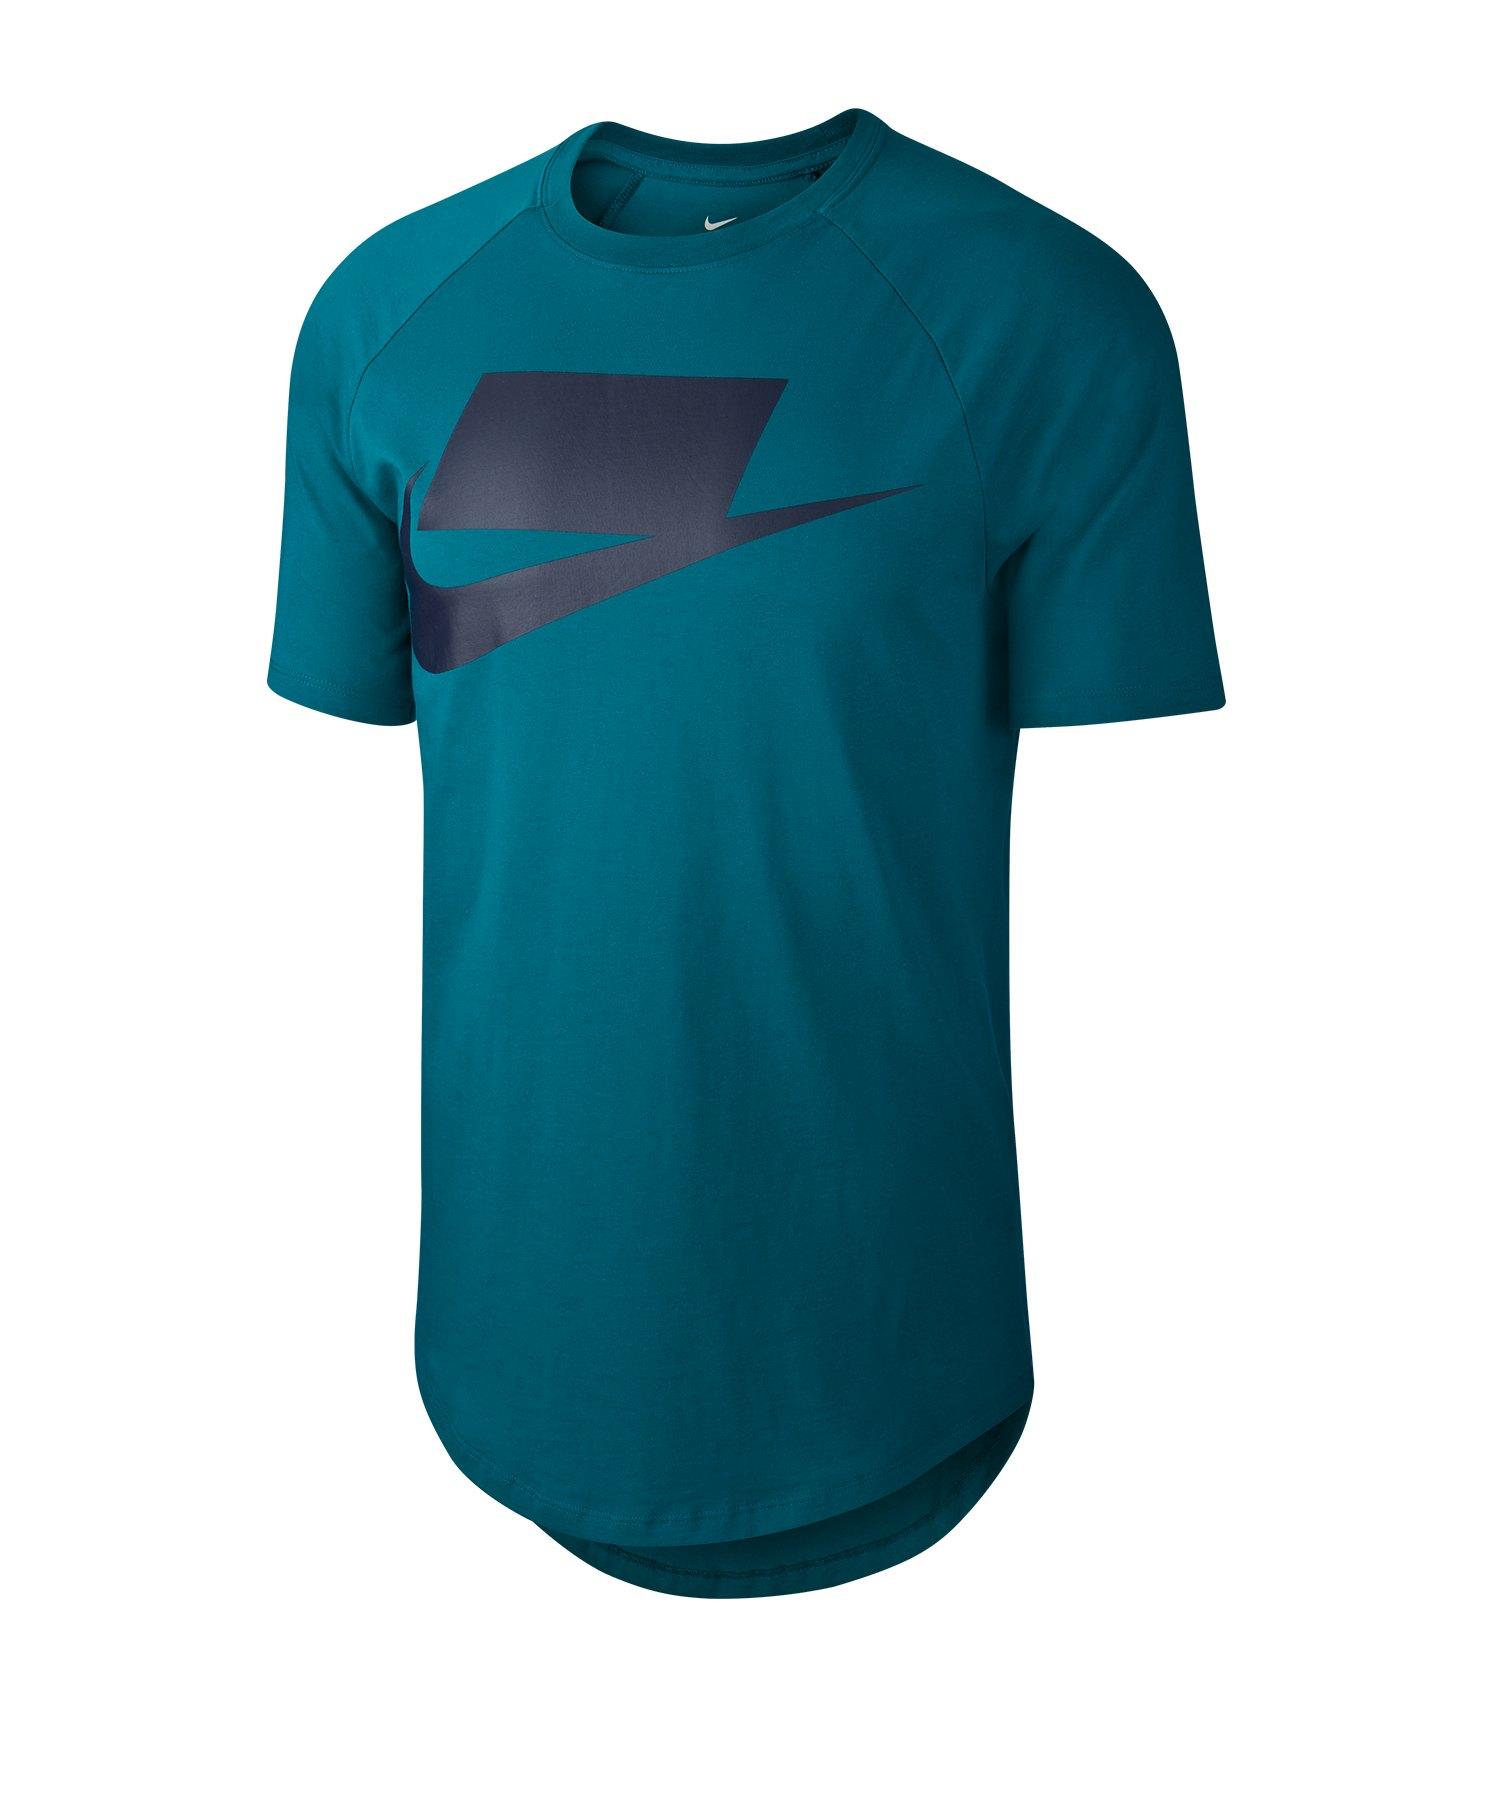 Nike Short Sleeve Tee T-Shirt Grün F381 - gruen